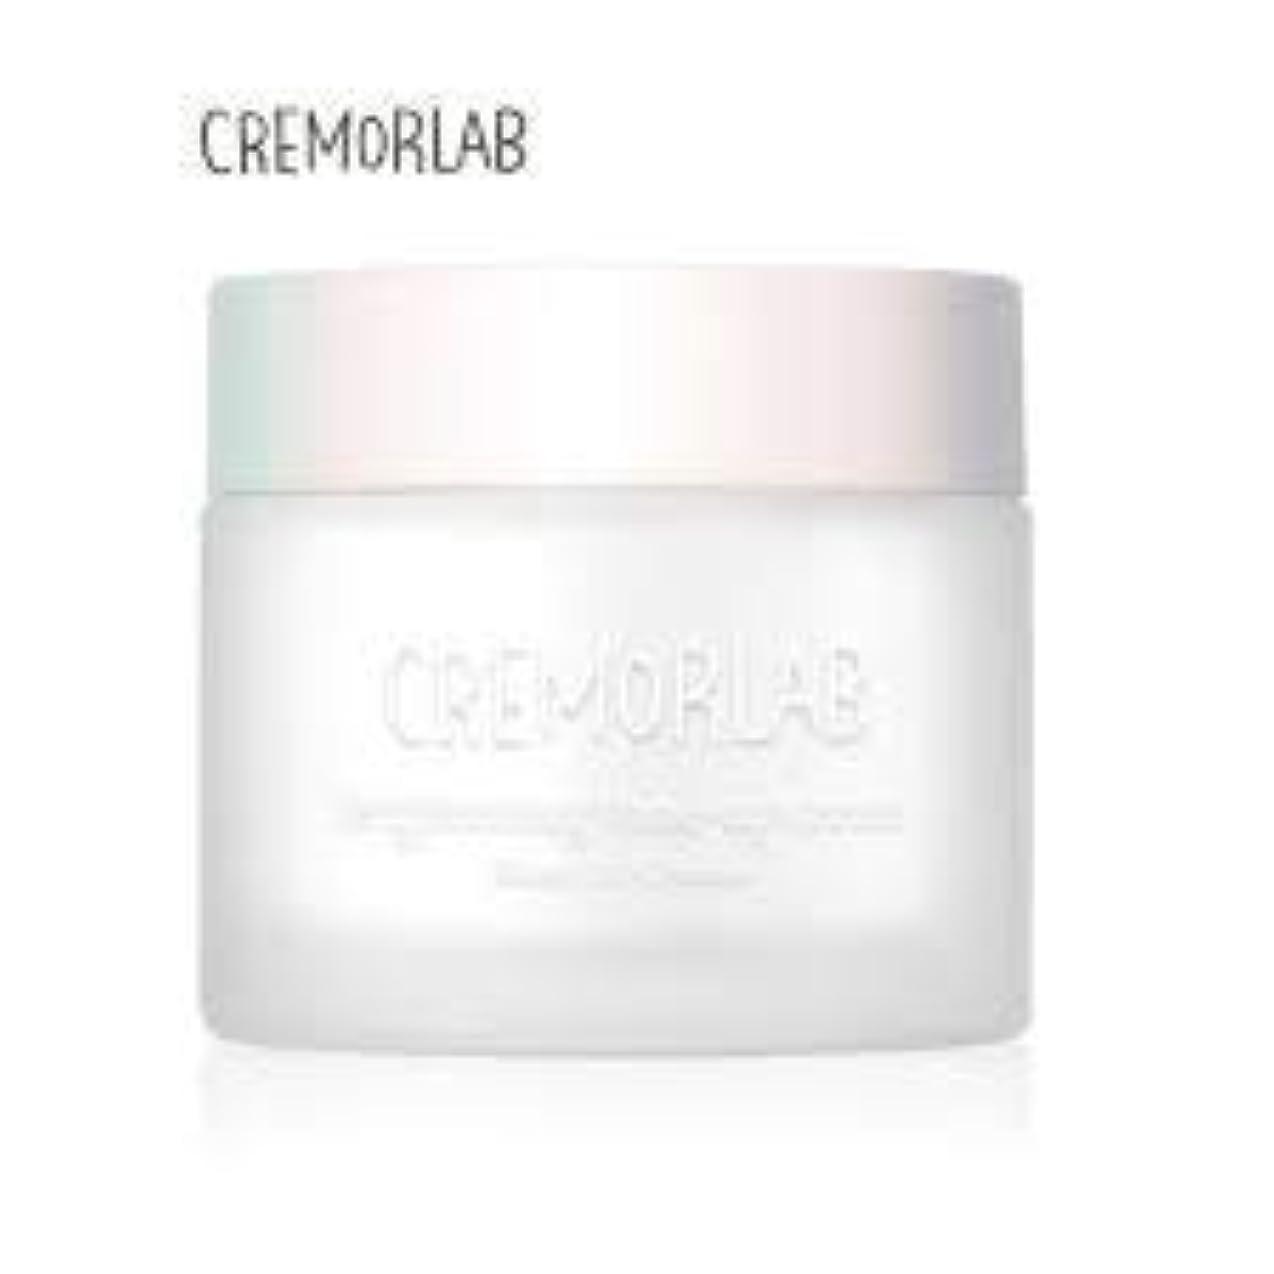 バリケード絶壁自発的CREMORLAB ブランドクレマーブライトニングクリーム50ml - 肌のトーンを洗練させ、透明度を高め、肌の色を明るくします。